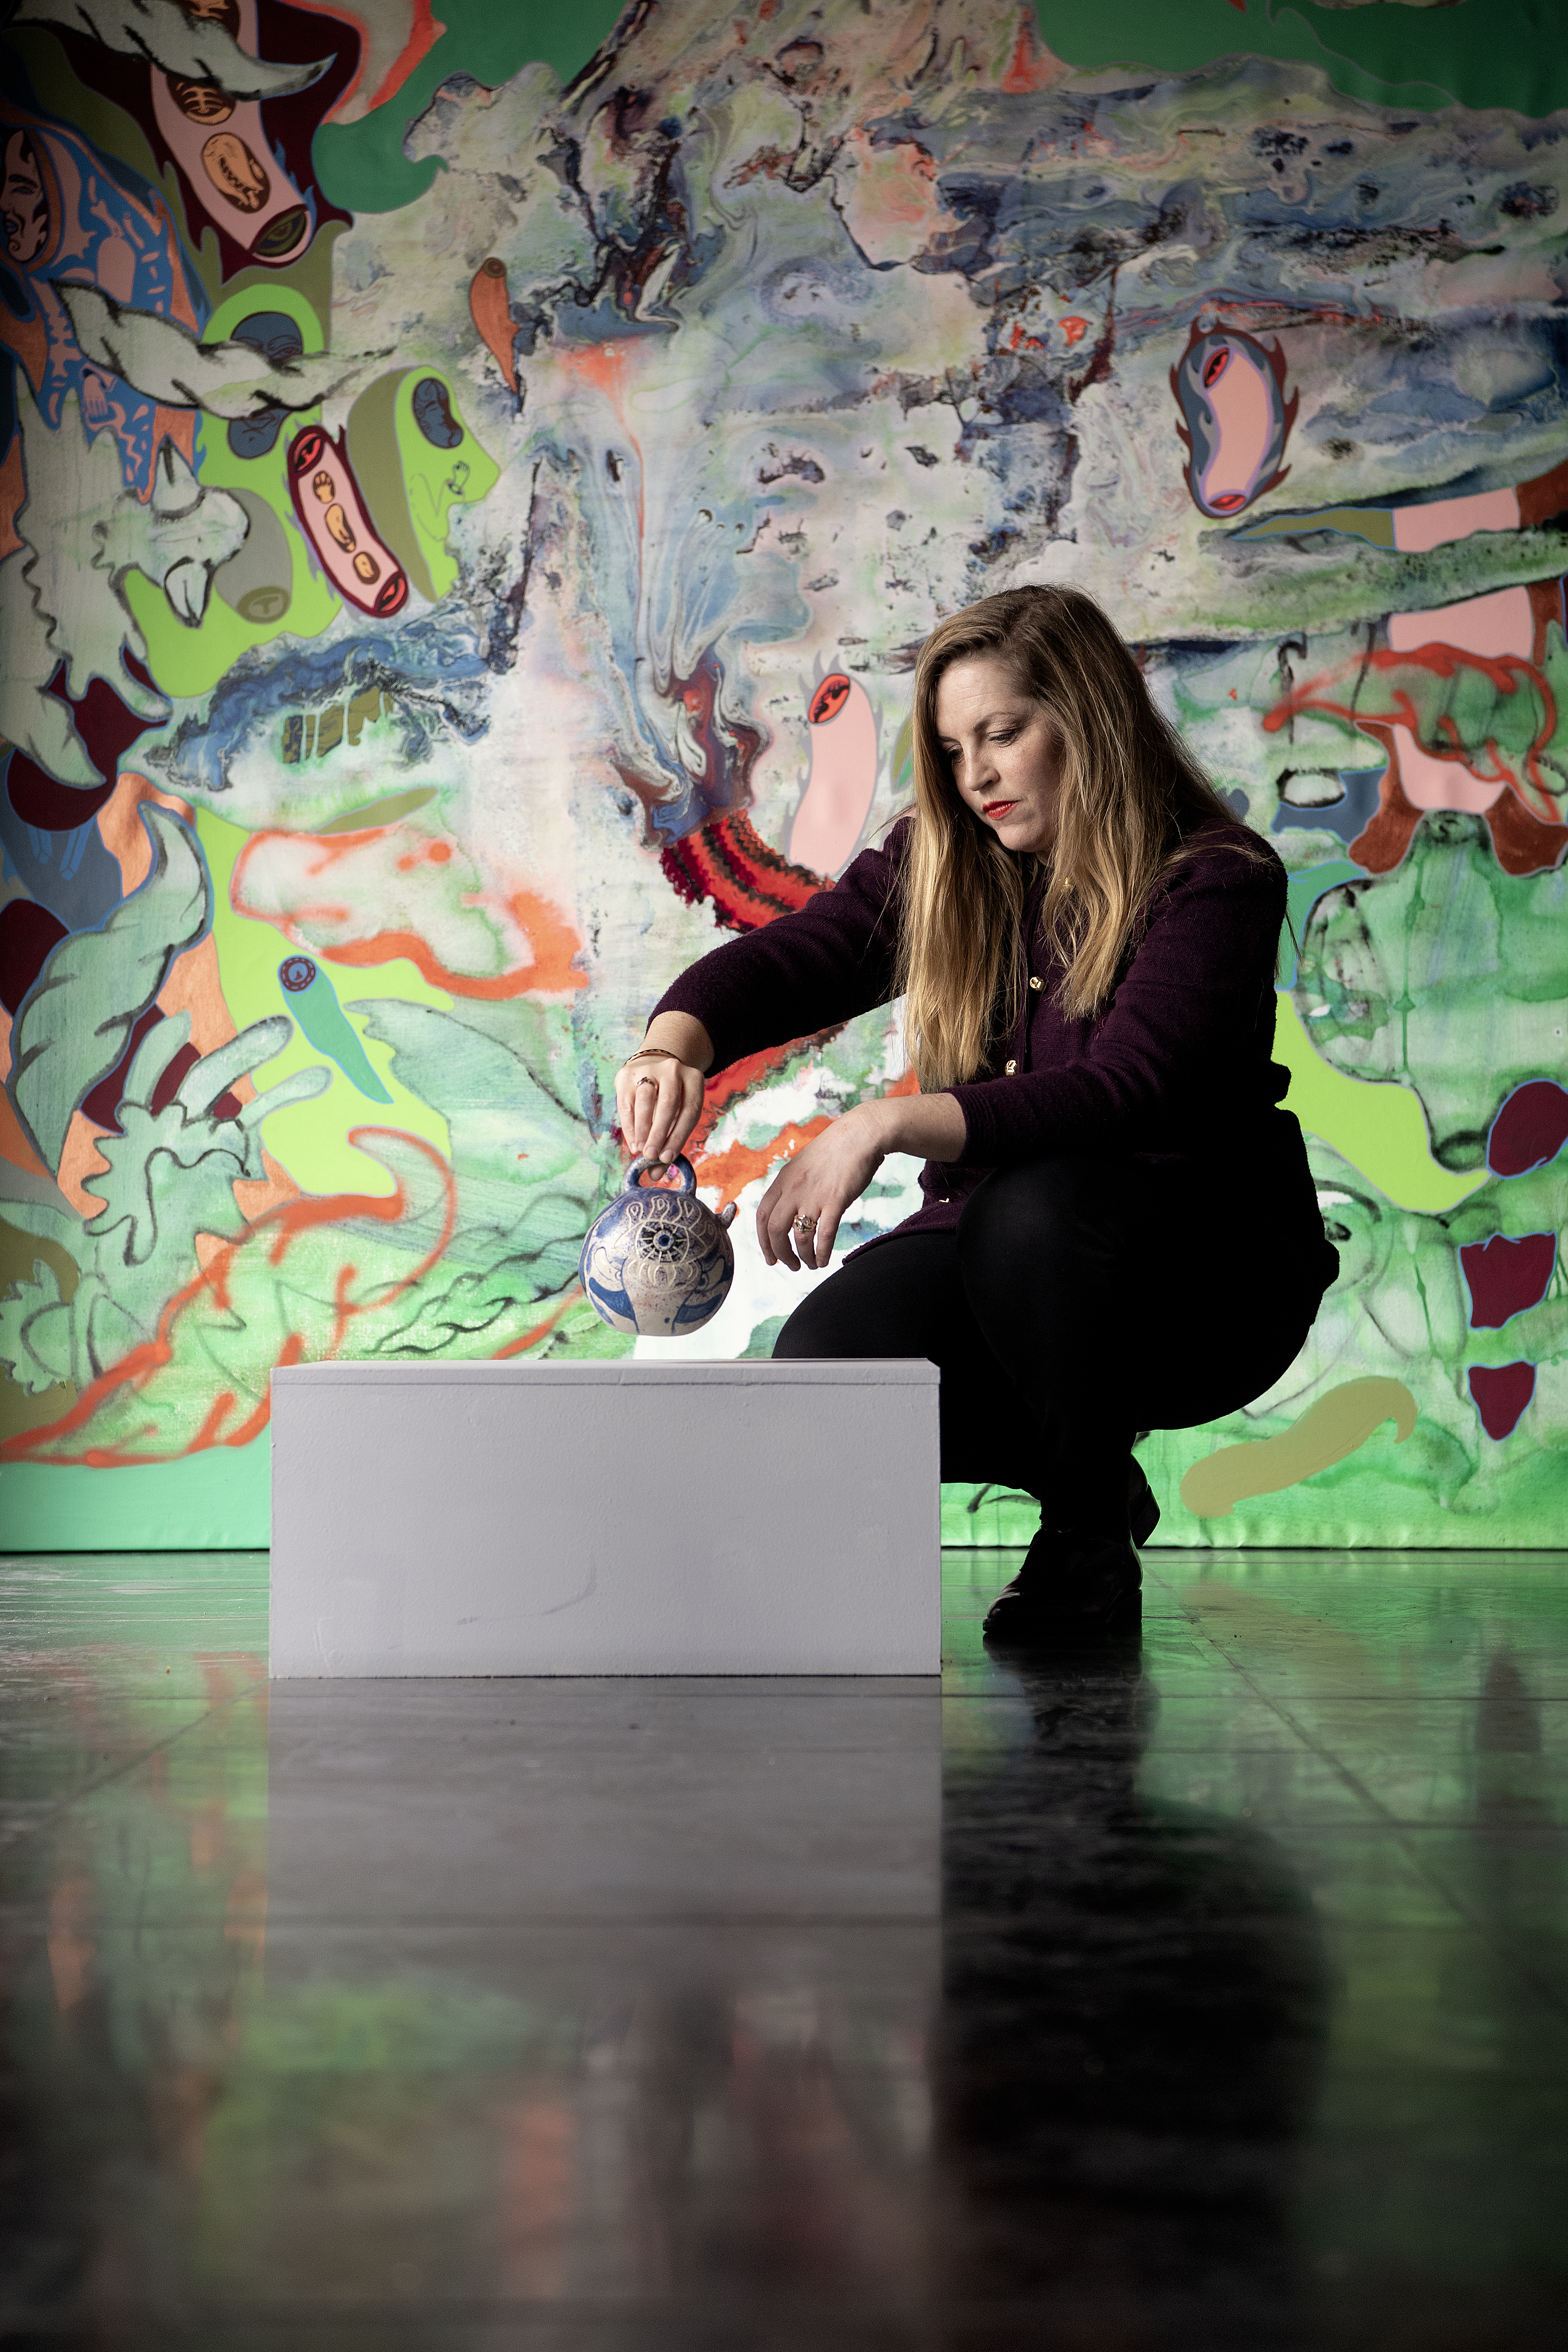 Kunstner Ida Kvetny sætter udstilling op